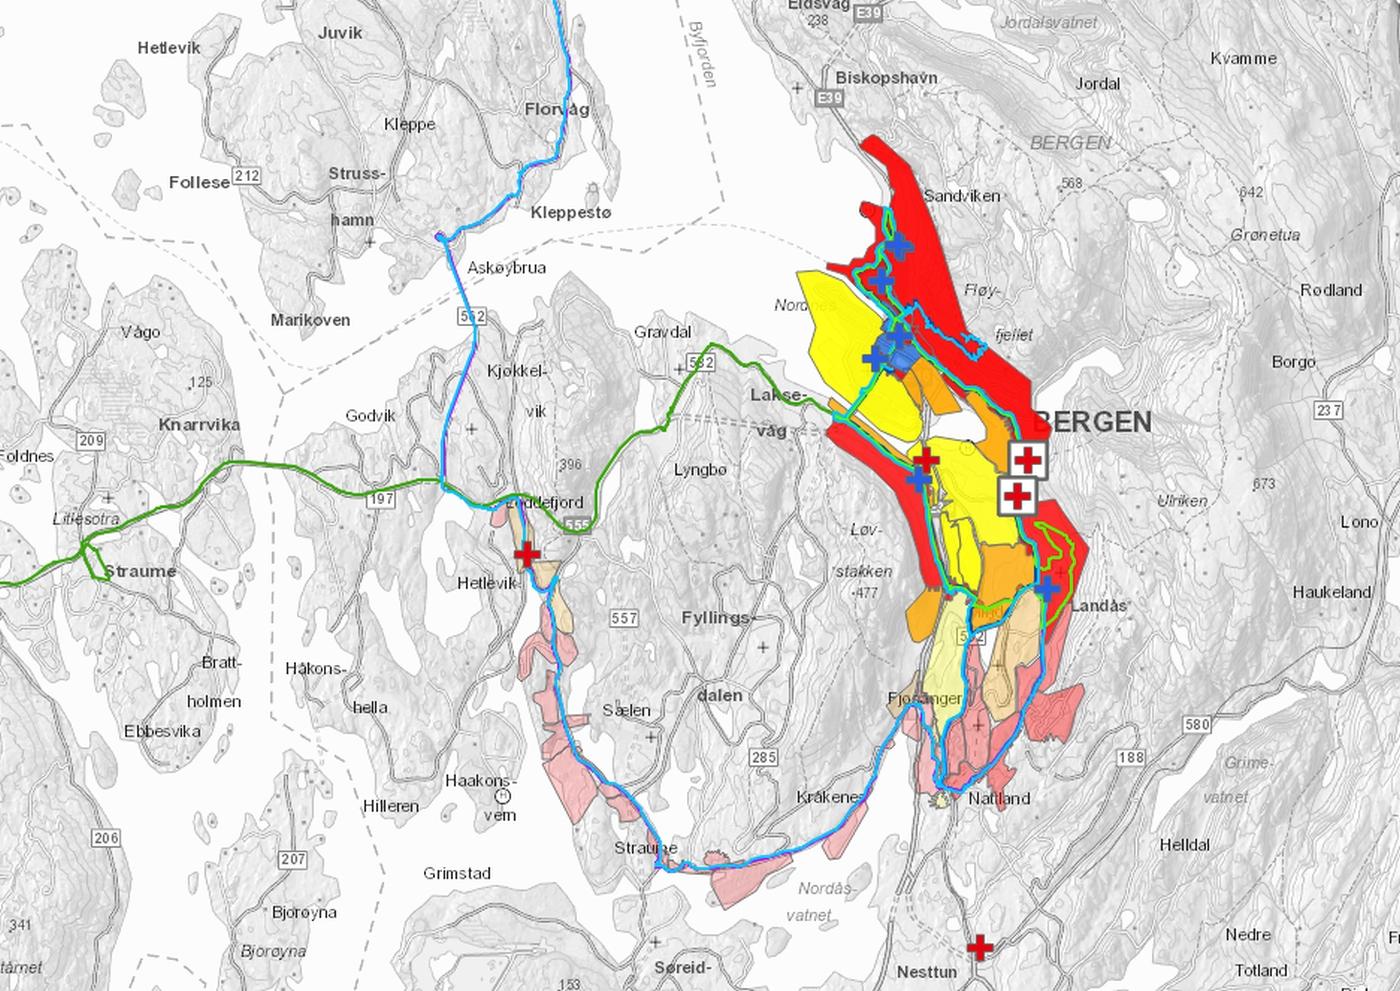 kart over stengte veier Slik påvirker sykkel VM Nordnes kart over stengte veier